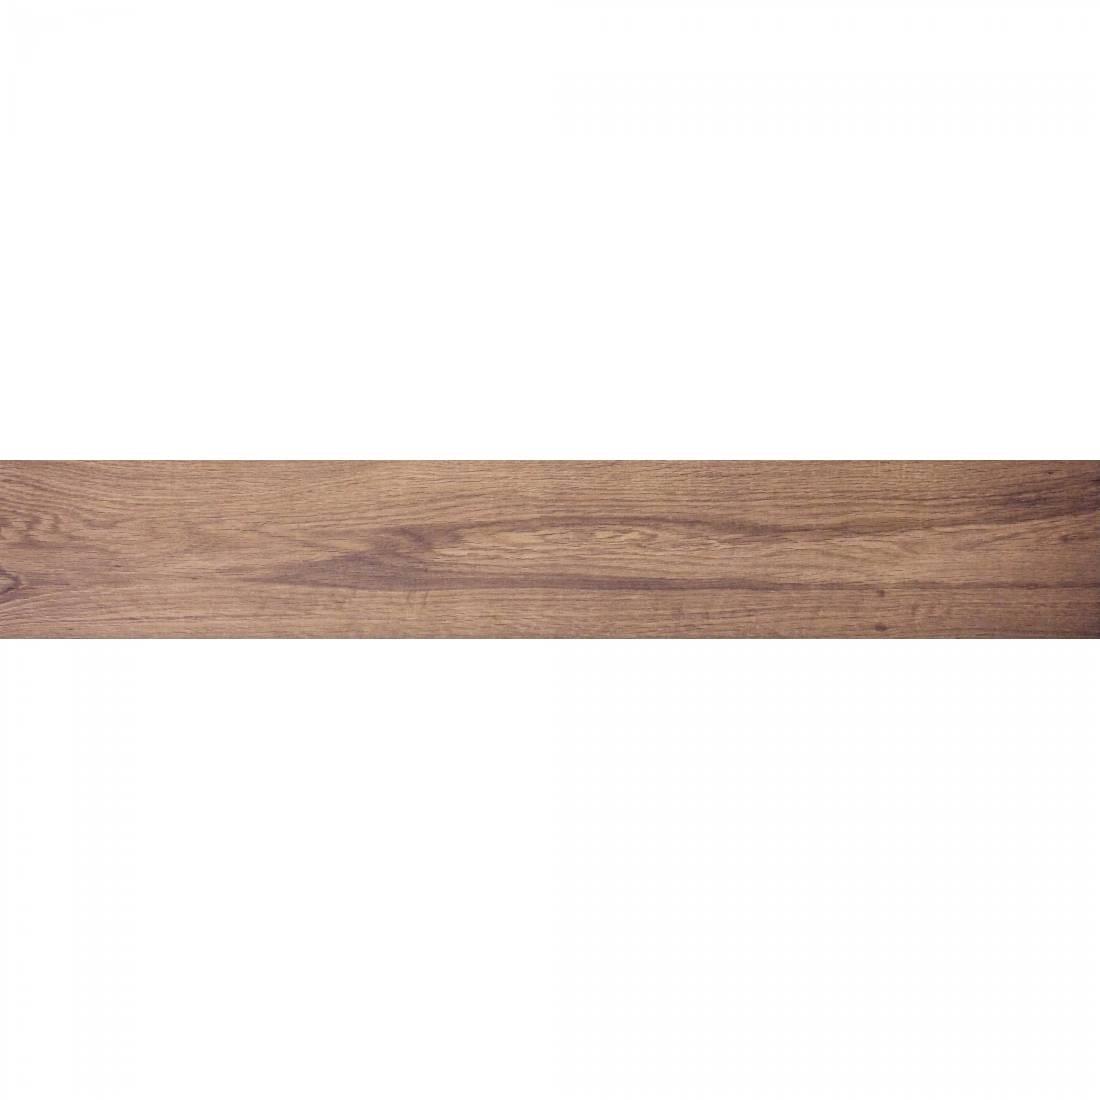 Timber 15x90 Brown Matt 1